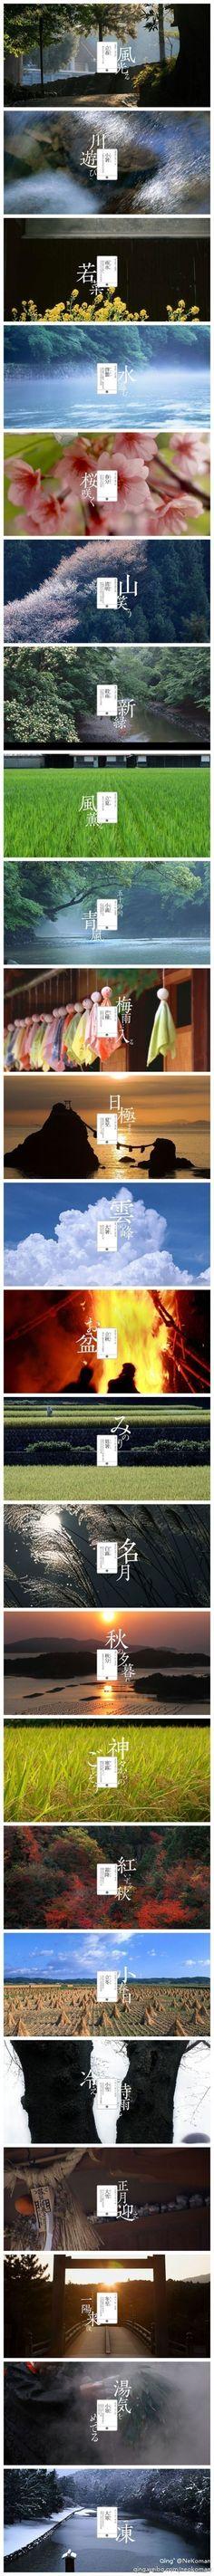 【美到窒息的日本二十四节气摄影图,走进日本传统之美!】